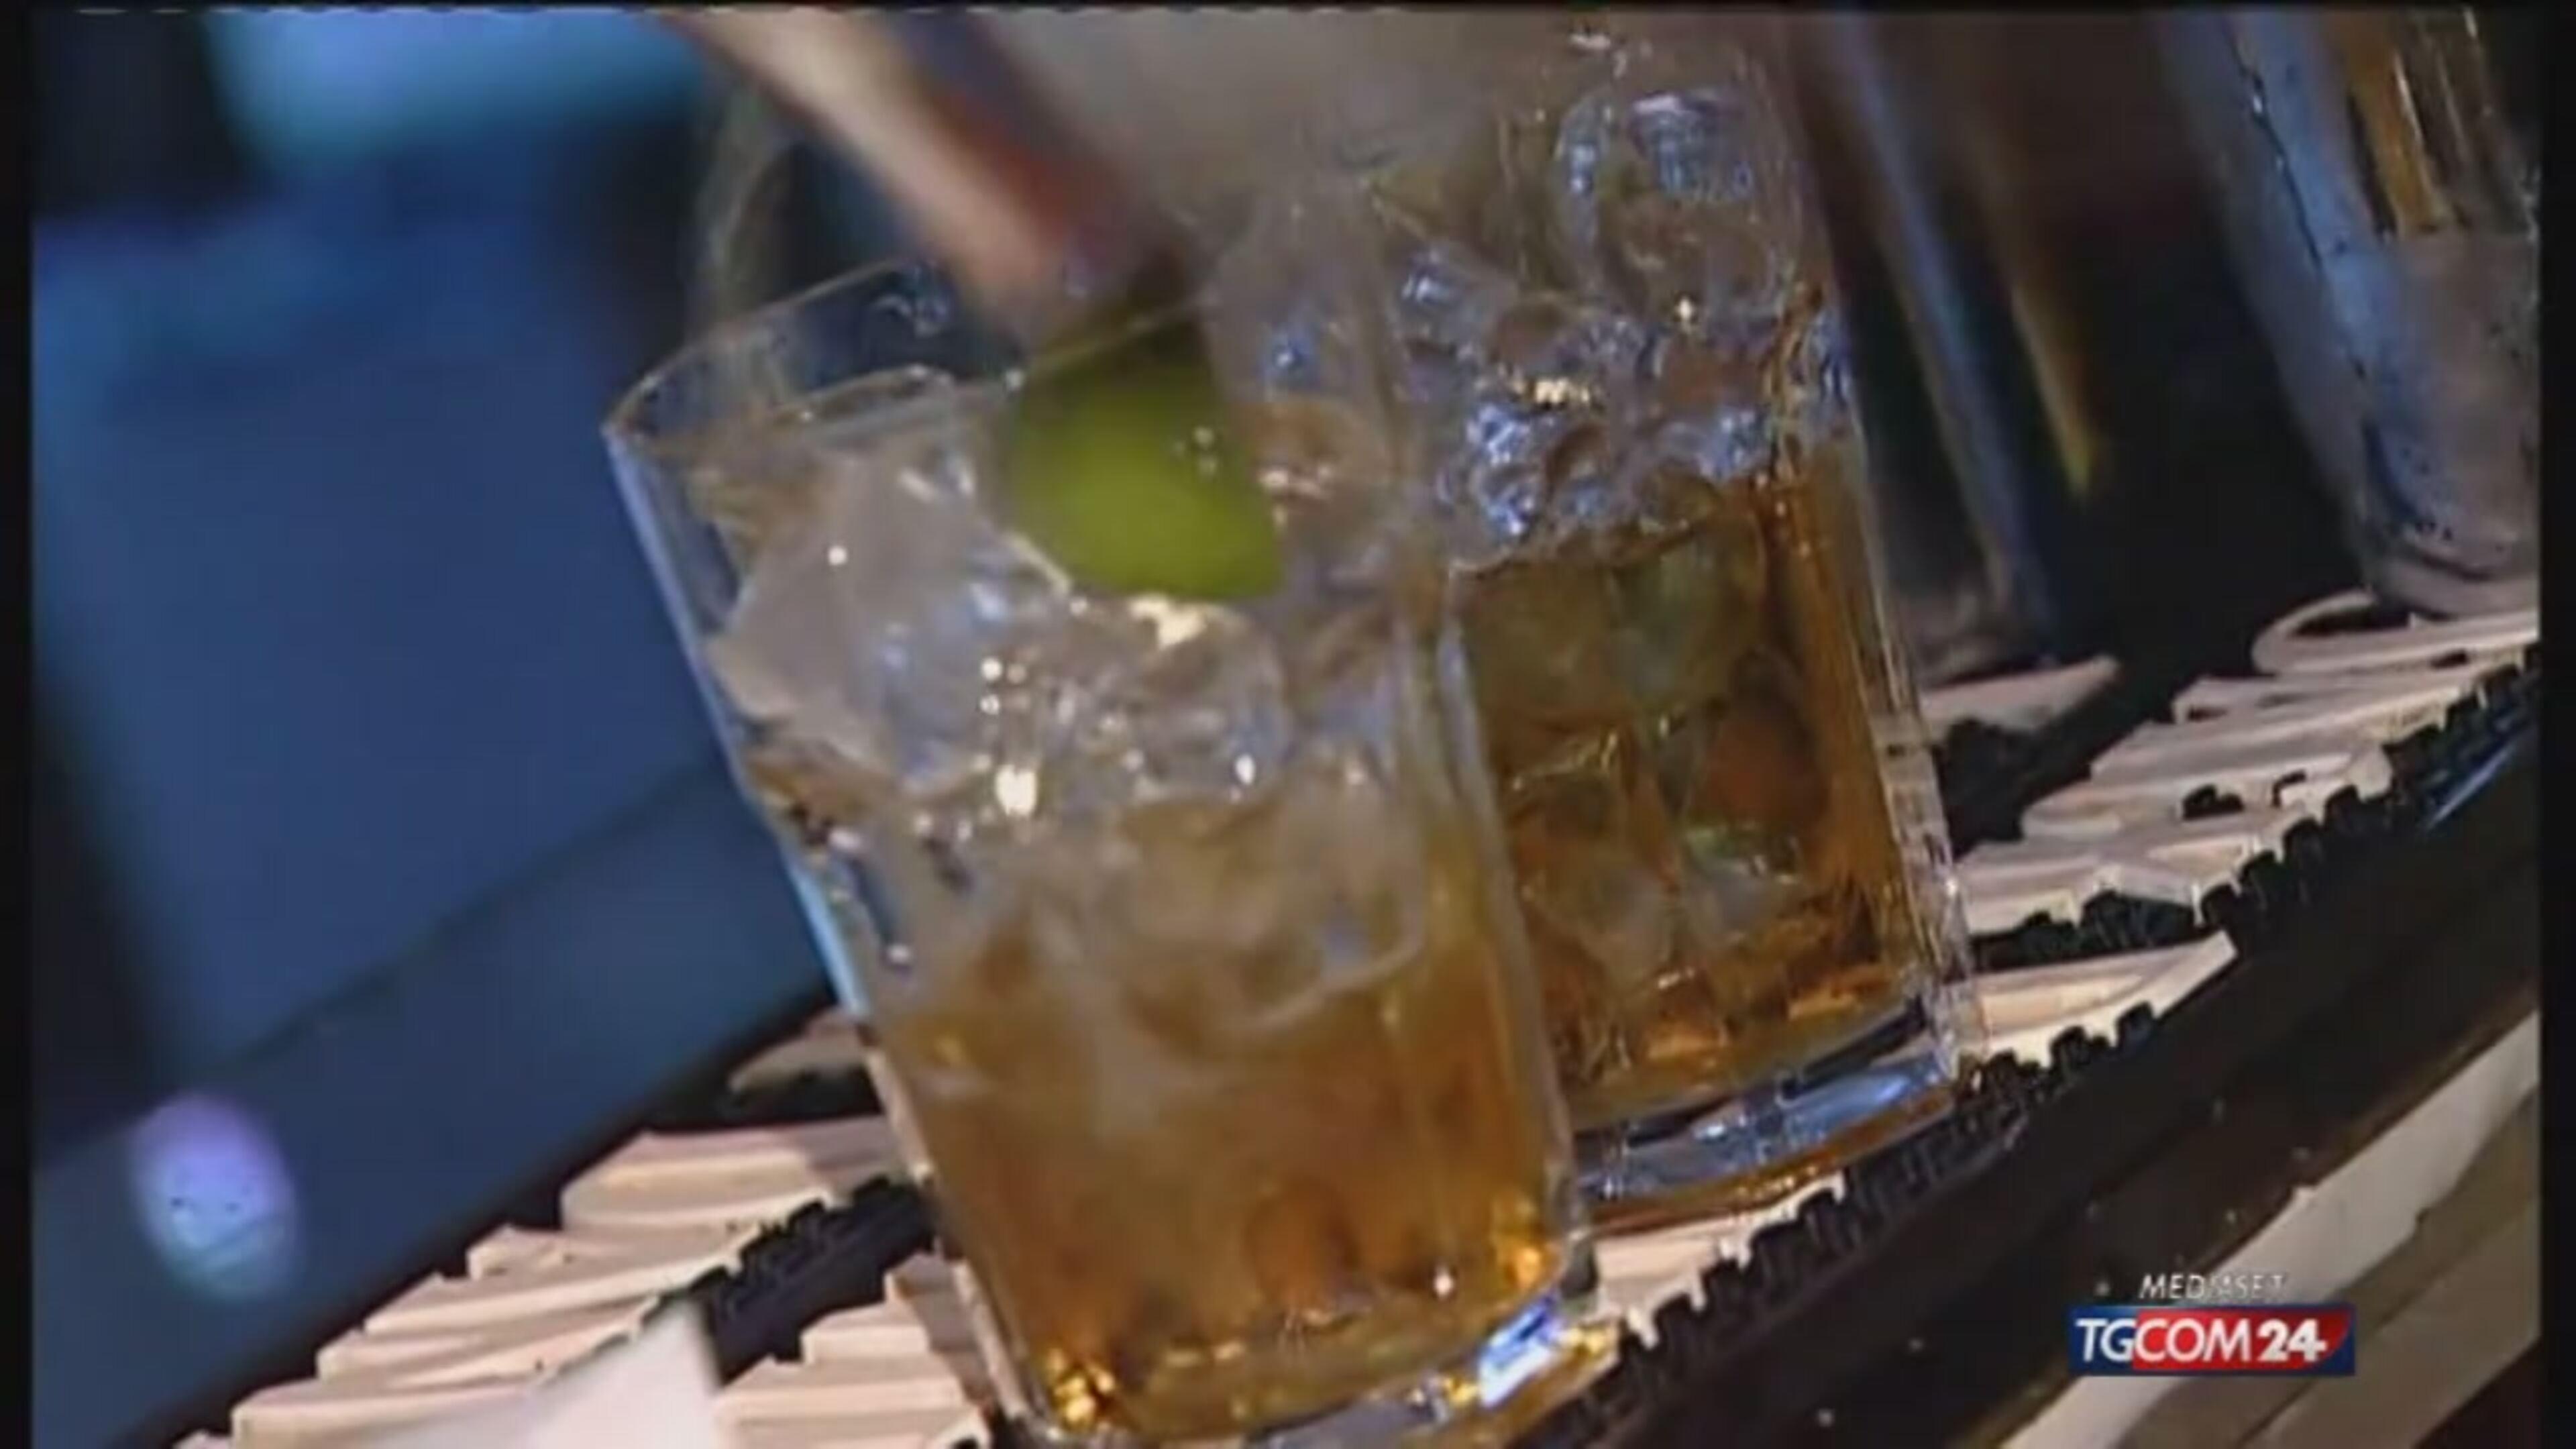 Siccome lagopuntura da alcolismo aiuta